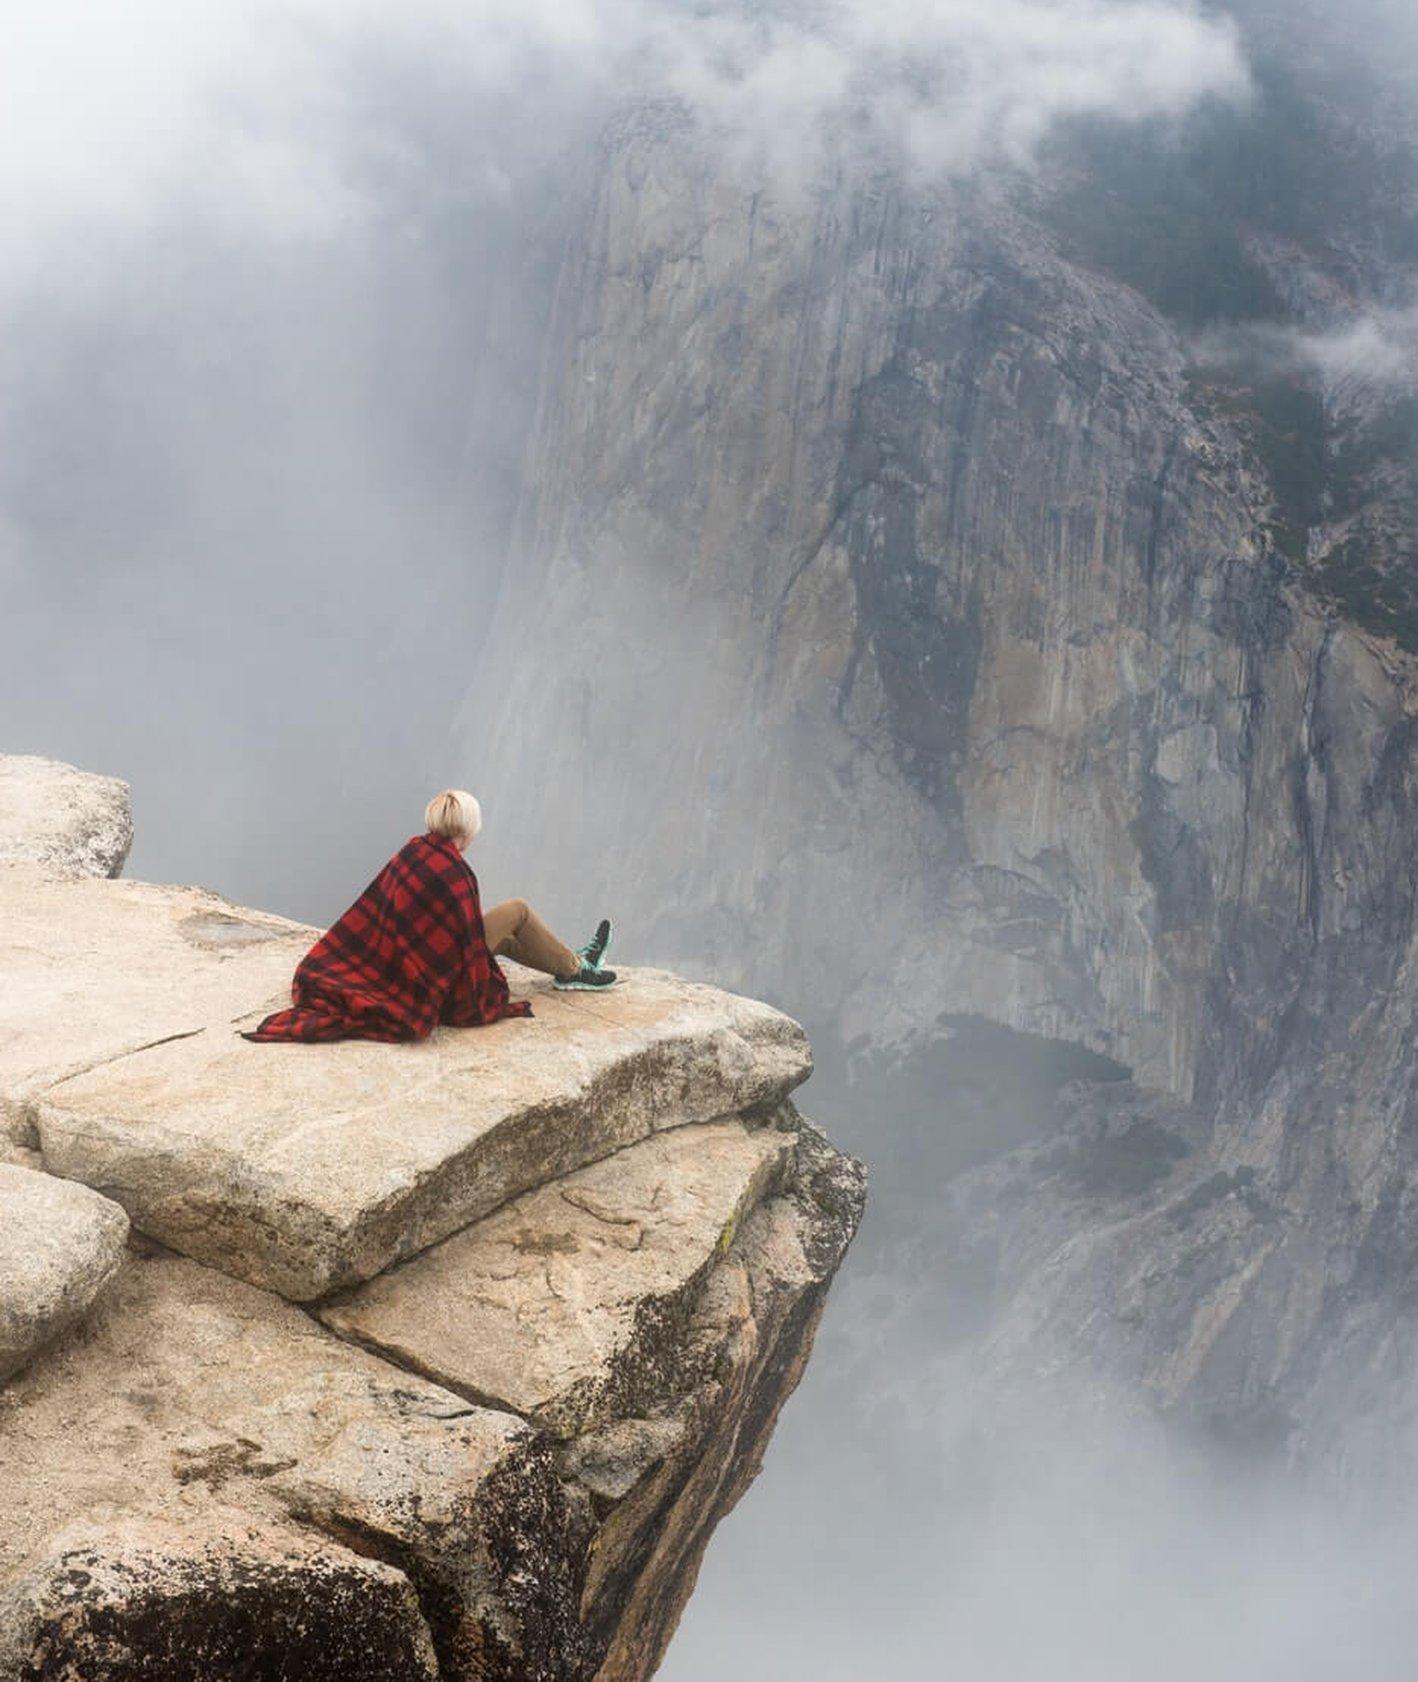 Dlaczego powietrze ma znaczenie (fot. Jason Hogan)